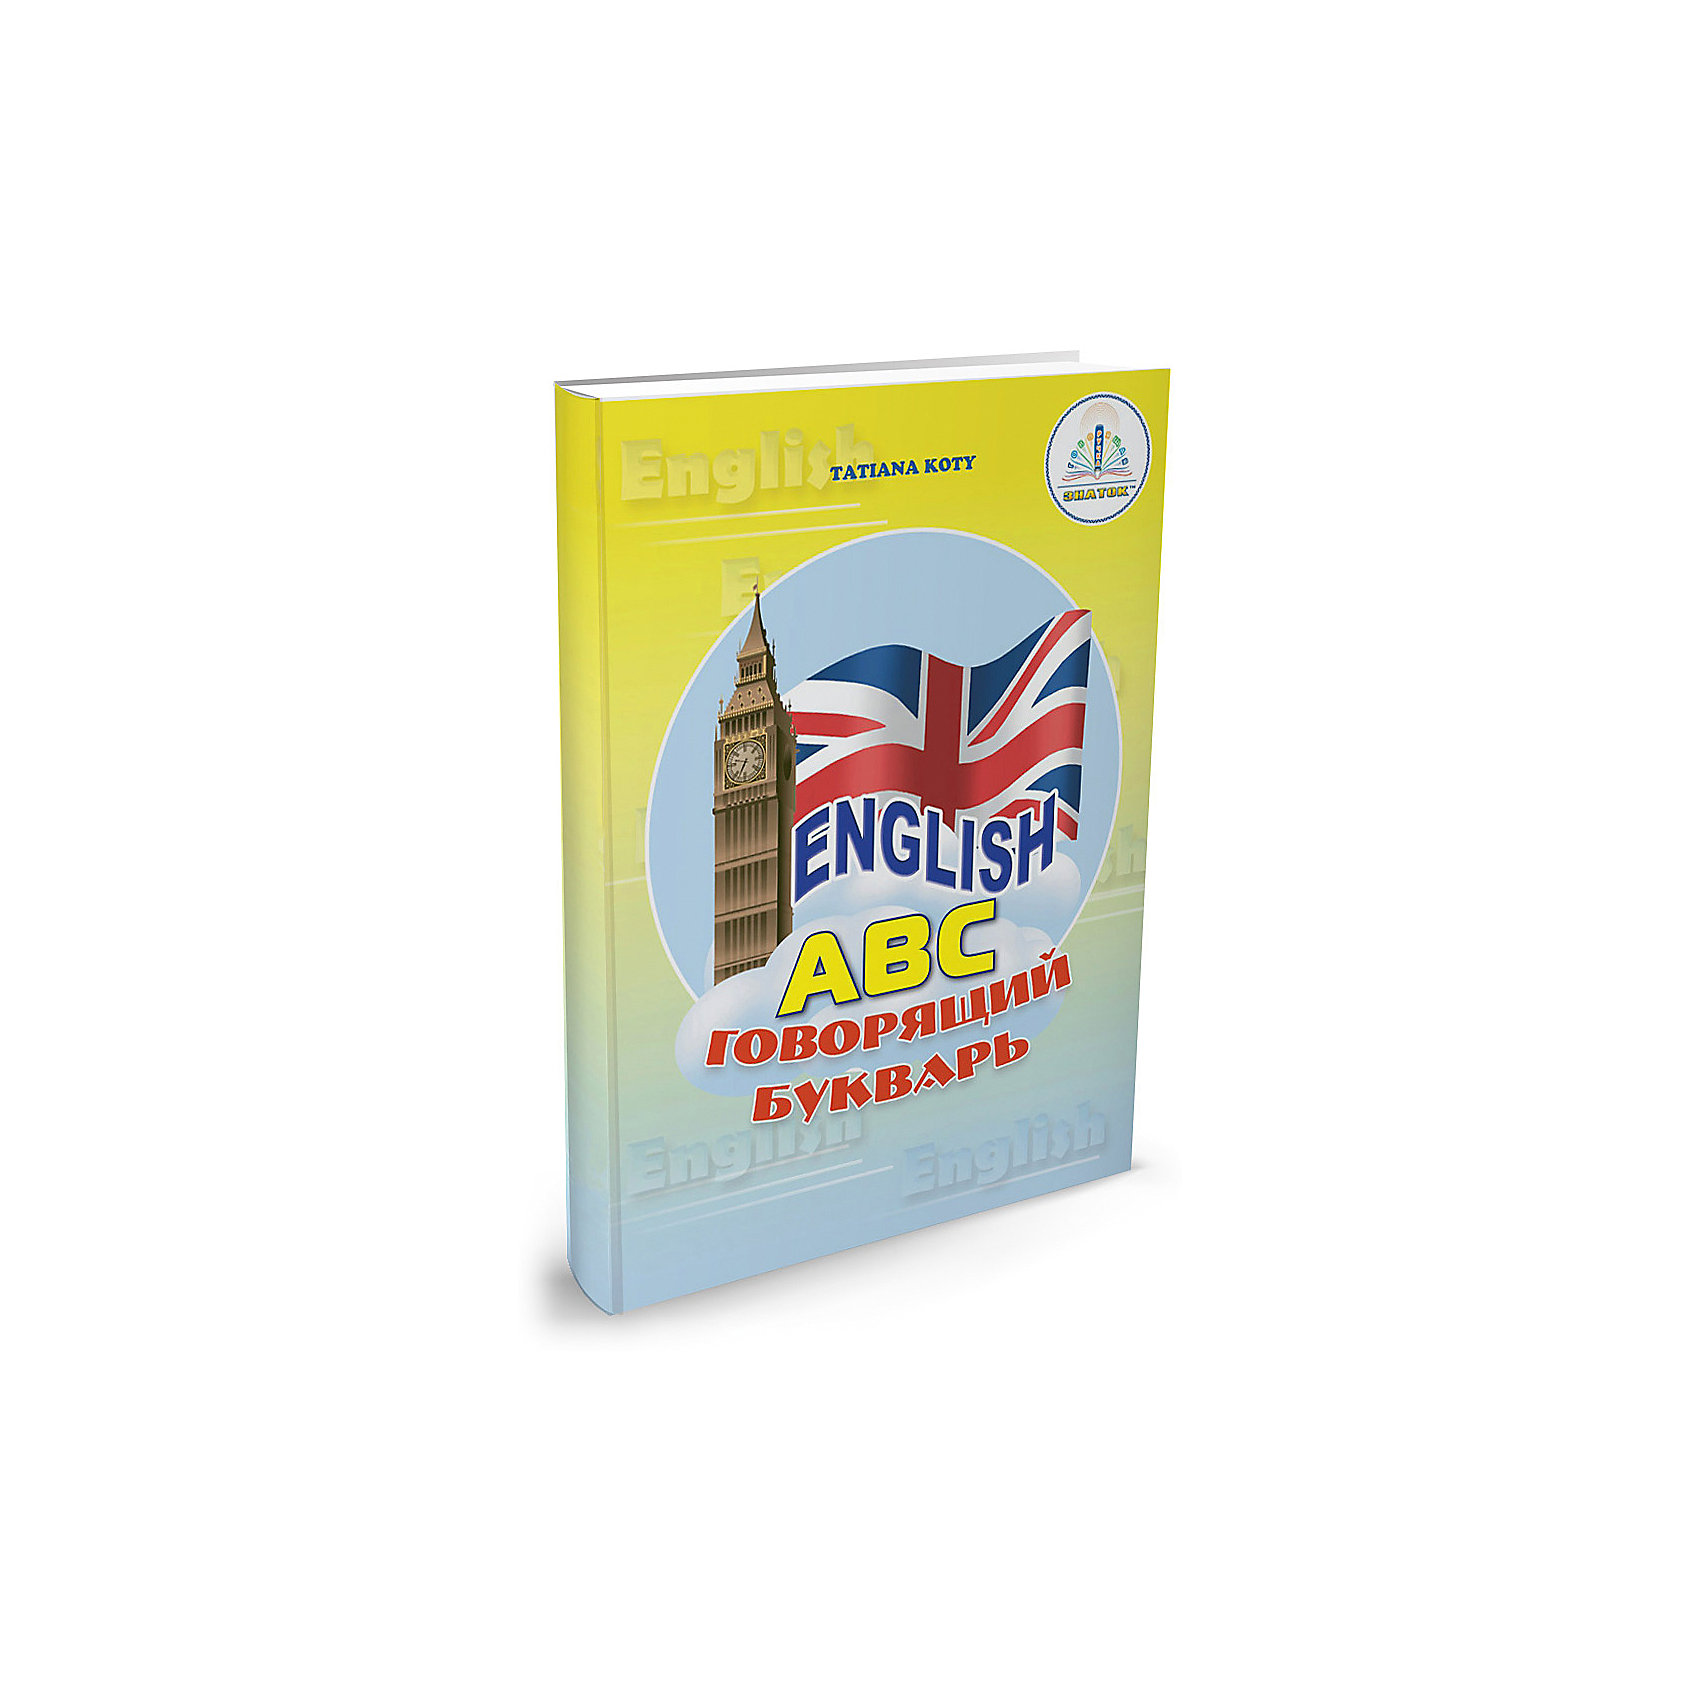 Книга English говорящий букварь+ рабочая тетрадь, ЗнатокГоворящие ручки с книгами<br>Набор для изучения английского языка. Звуковая книга с рабочей тетрадью в комплекте .В книге Говорящий букварь изложена методика обучения маленьких детей английскому языку. Эта книга поможет родителям познакомить детей с буквами и звуками английского алфавита. В книге, кроме самих букв и звуков, рассматривается небольшой объём информации, нужной для закрепления начальных знаний английского языка.<br><br>Ширина мм: 190<br>Глубина мм: 260<br>Высота мм: 80<br>Вес г: 395<br>Возраст от месяцев: 36<br>Возраст до месяцев: 2147483647<br>Пол: Унисекс<br>Возраст: Детский<br>SKU: 5596028